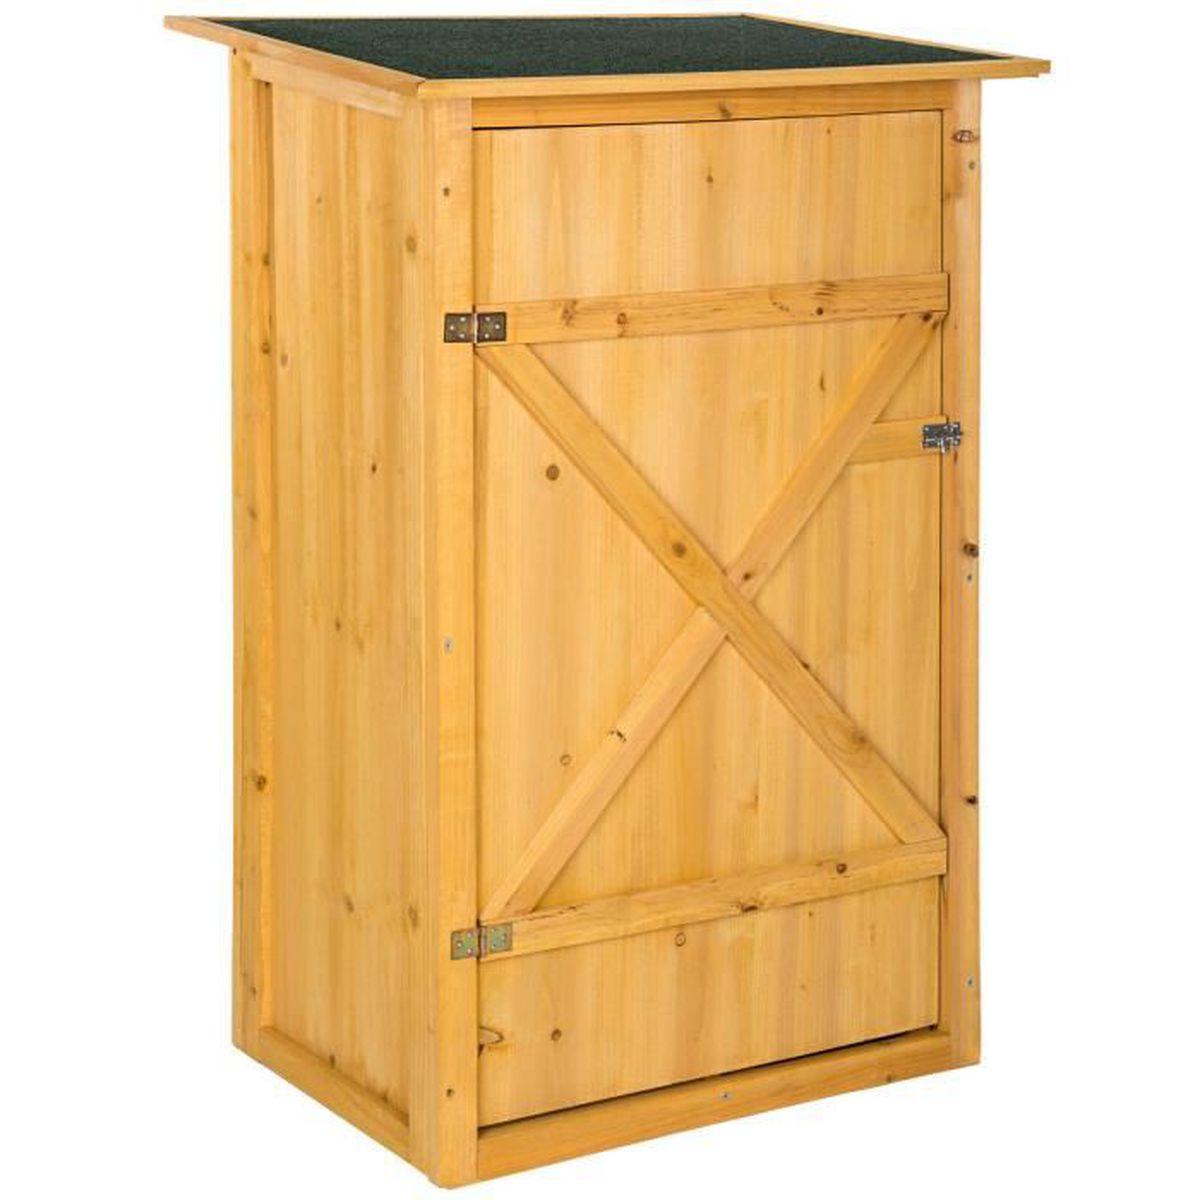 Cabane À Outils Bois armoire de jardin remise pour outils abri atelier bois toit